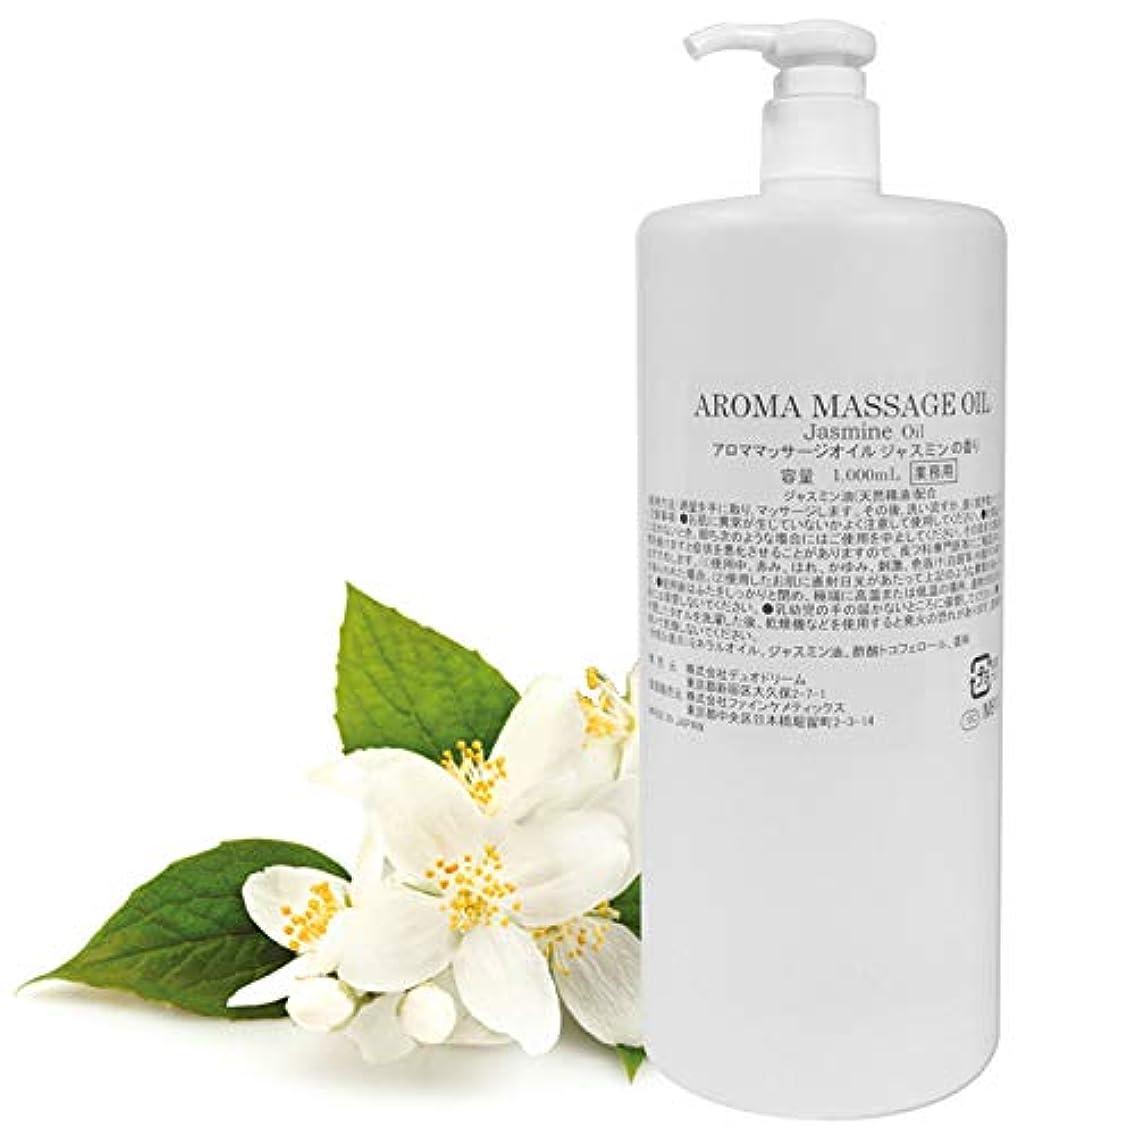 びん余暇放射能NEW 日本製 アロママッサージオイル ジャスミン 1000mL 業務用 ★ジャスミン油 天然精油配合 エキゾチックなジャスミンの香り さっぱりタイプ ジャスミンオイル